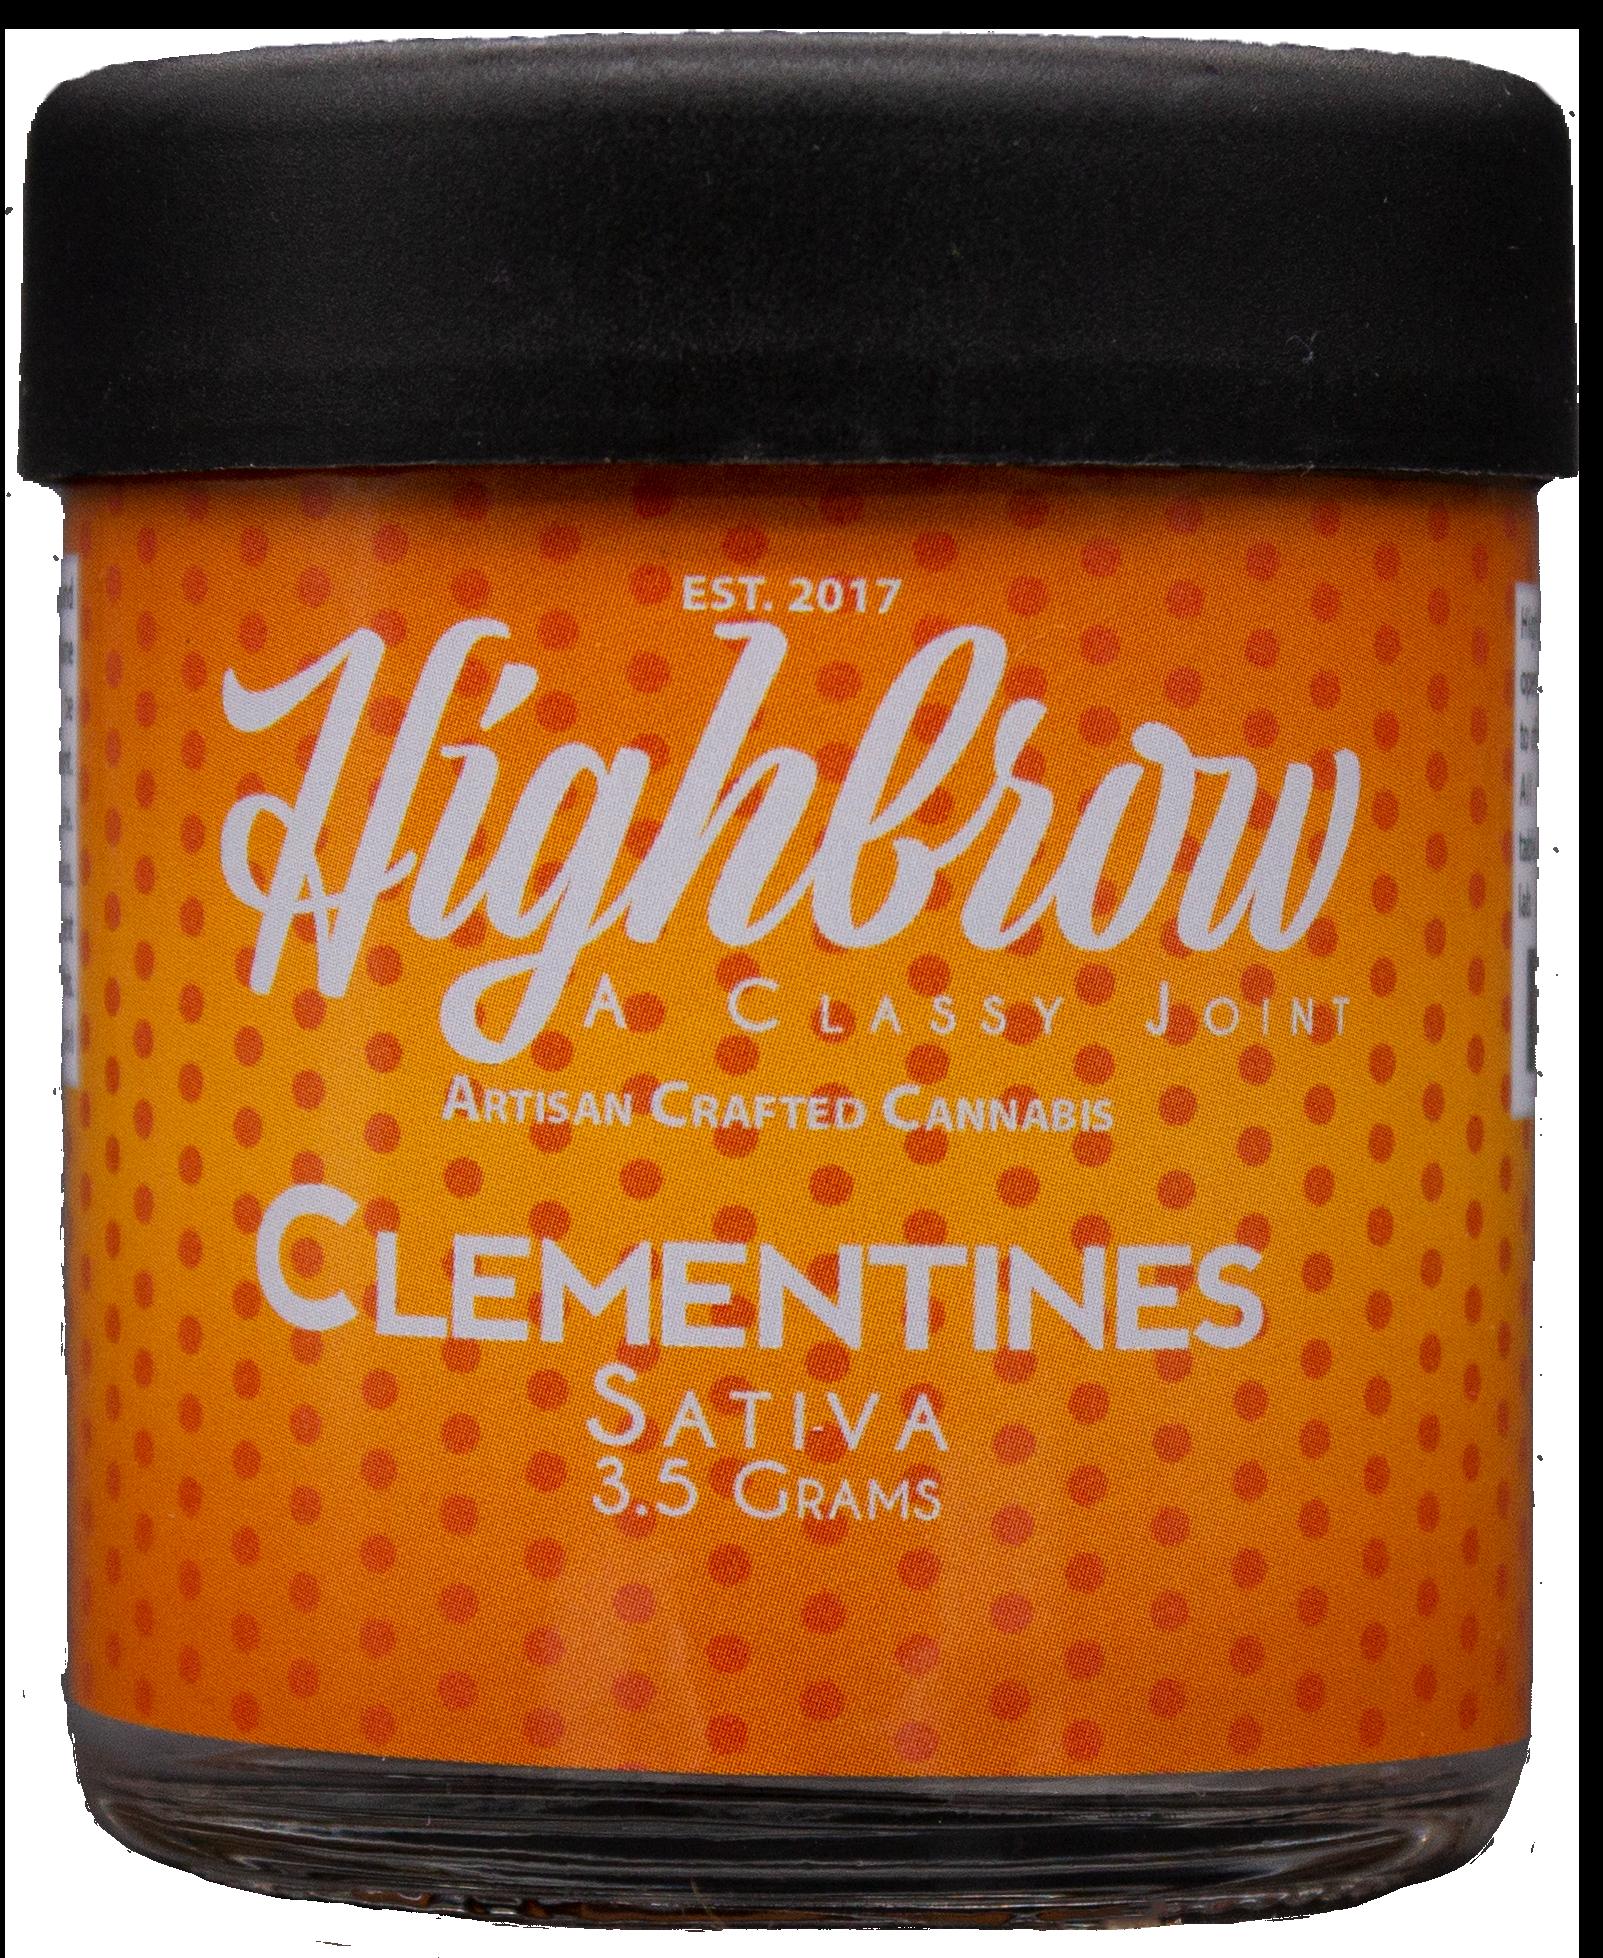 Clementines - Blissful citrus.